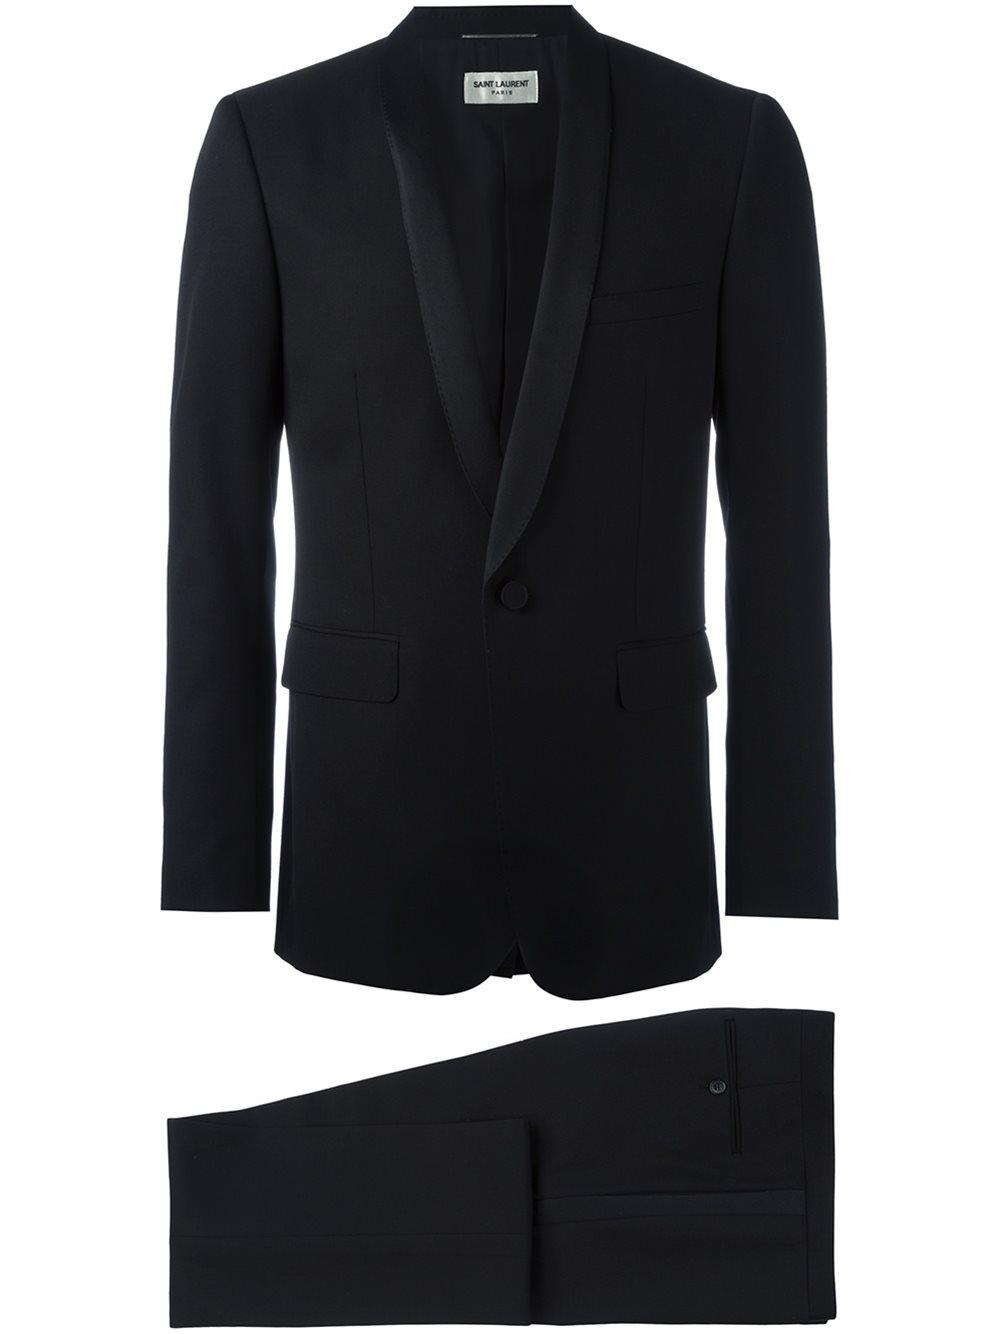 saint-laurent-iconic-le-smoking-suit